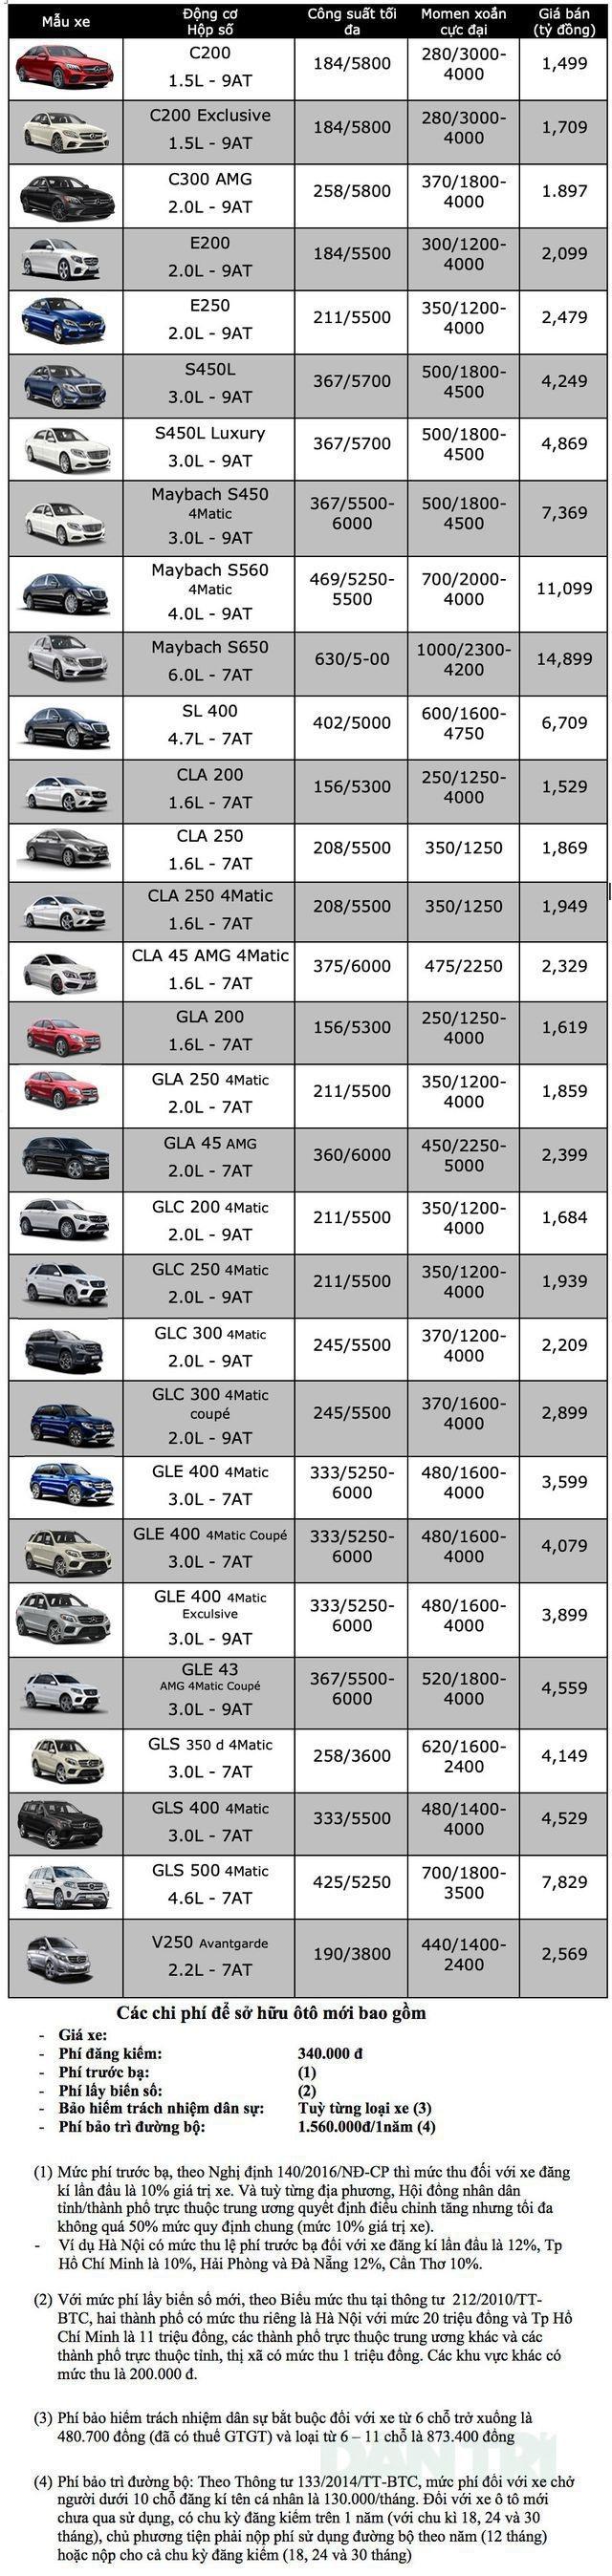 Bảng giá Mercedes-Benz tại Việt Nam cập nhật tháng 7/2019 - 1